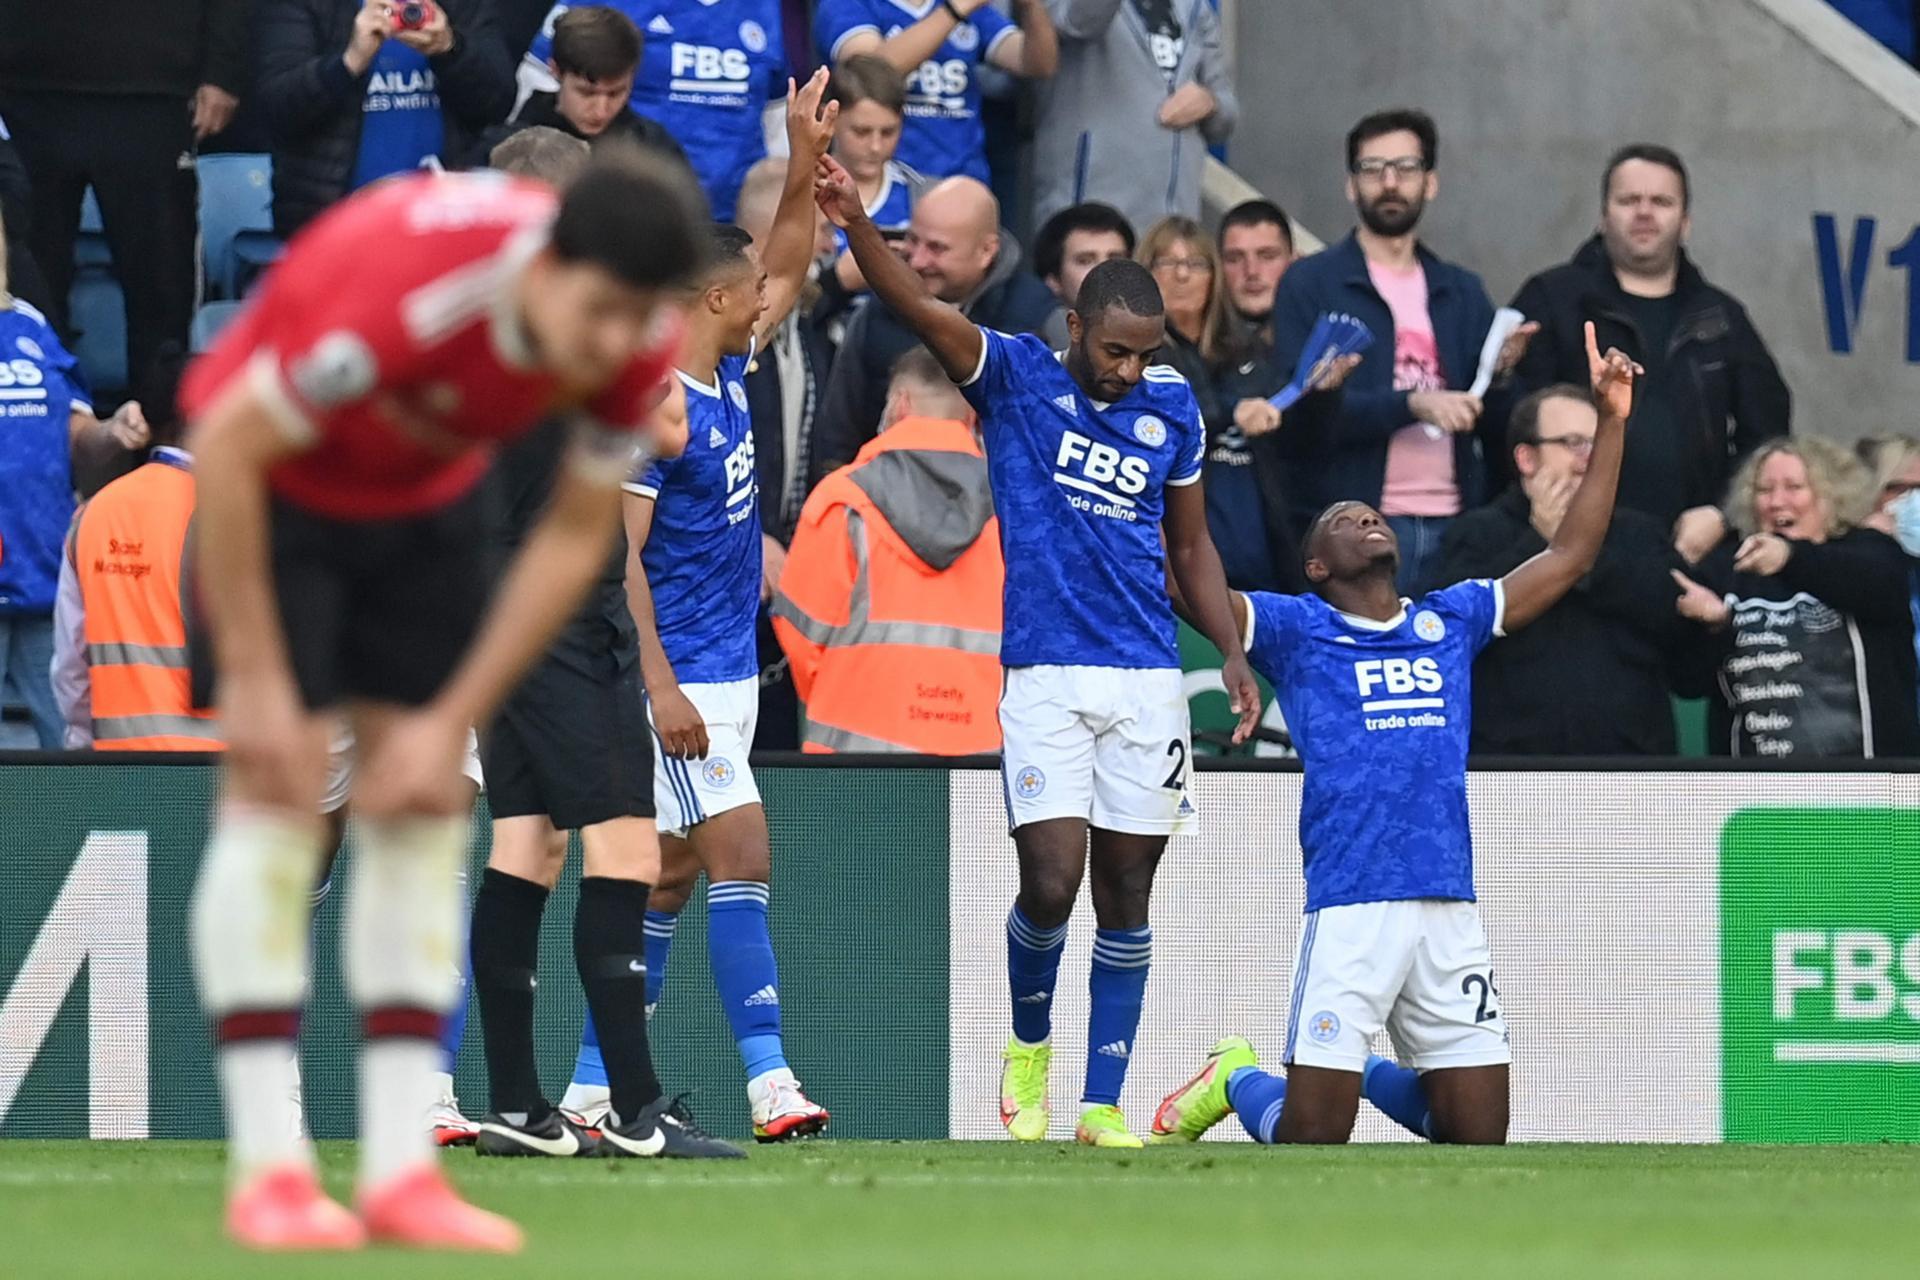 Luda završnica derbija i težak poraz Manchester Uniteda! Pala četiri gola u 13 minuta, slavlje Cityja